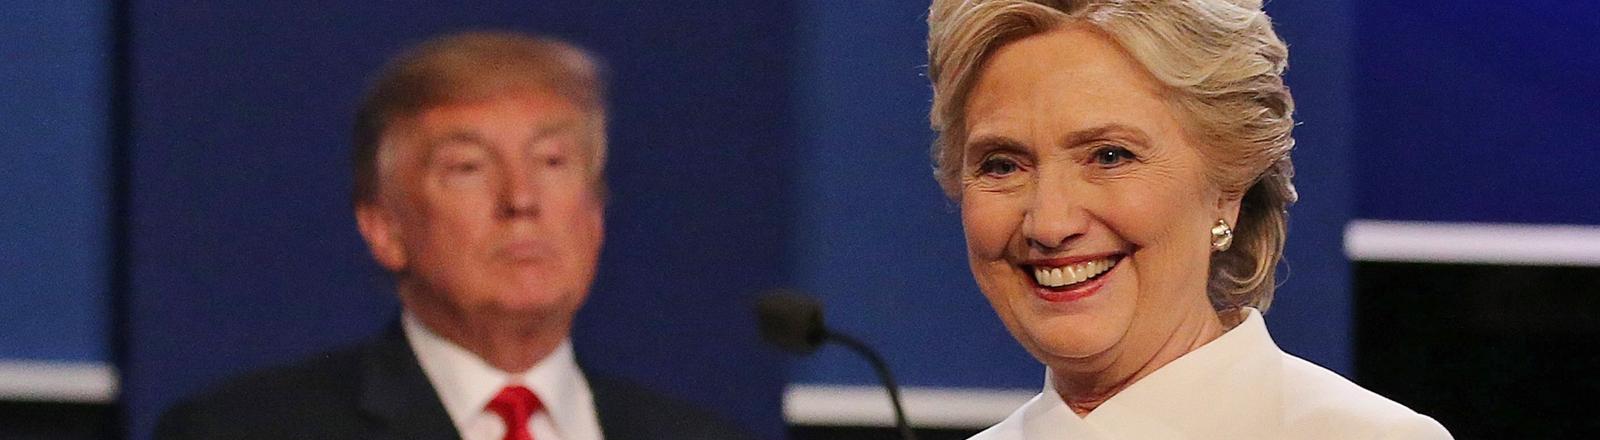 Clinton und Trump beim dritten TV-Duell